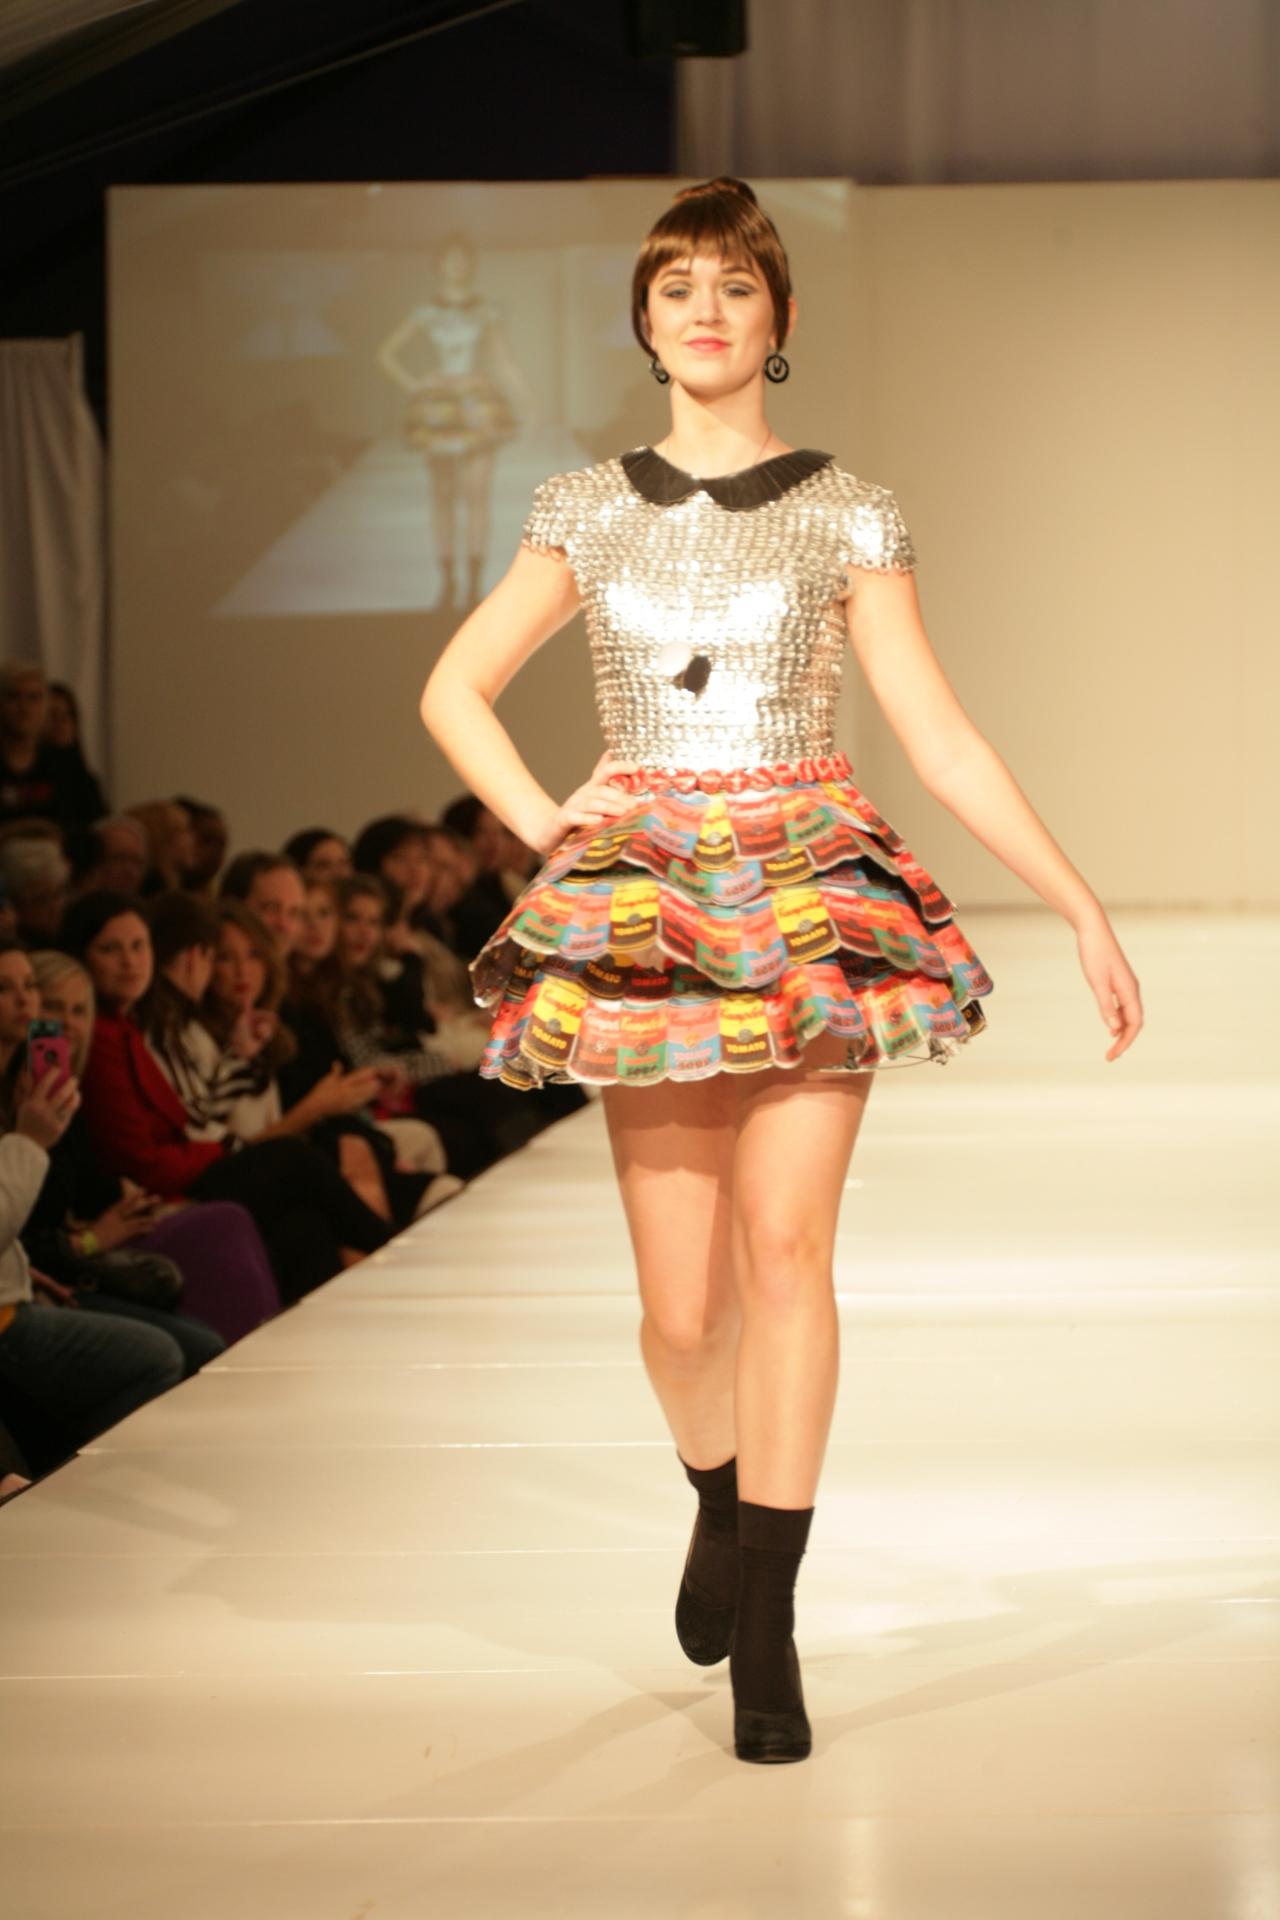 Annie Bloomston's Design | Birmingham Fashion Week 2013Photo Credit: Vintage Inspired Passionista